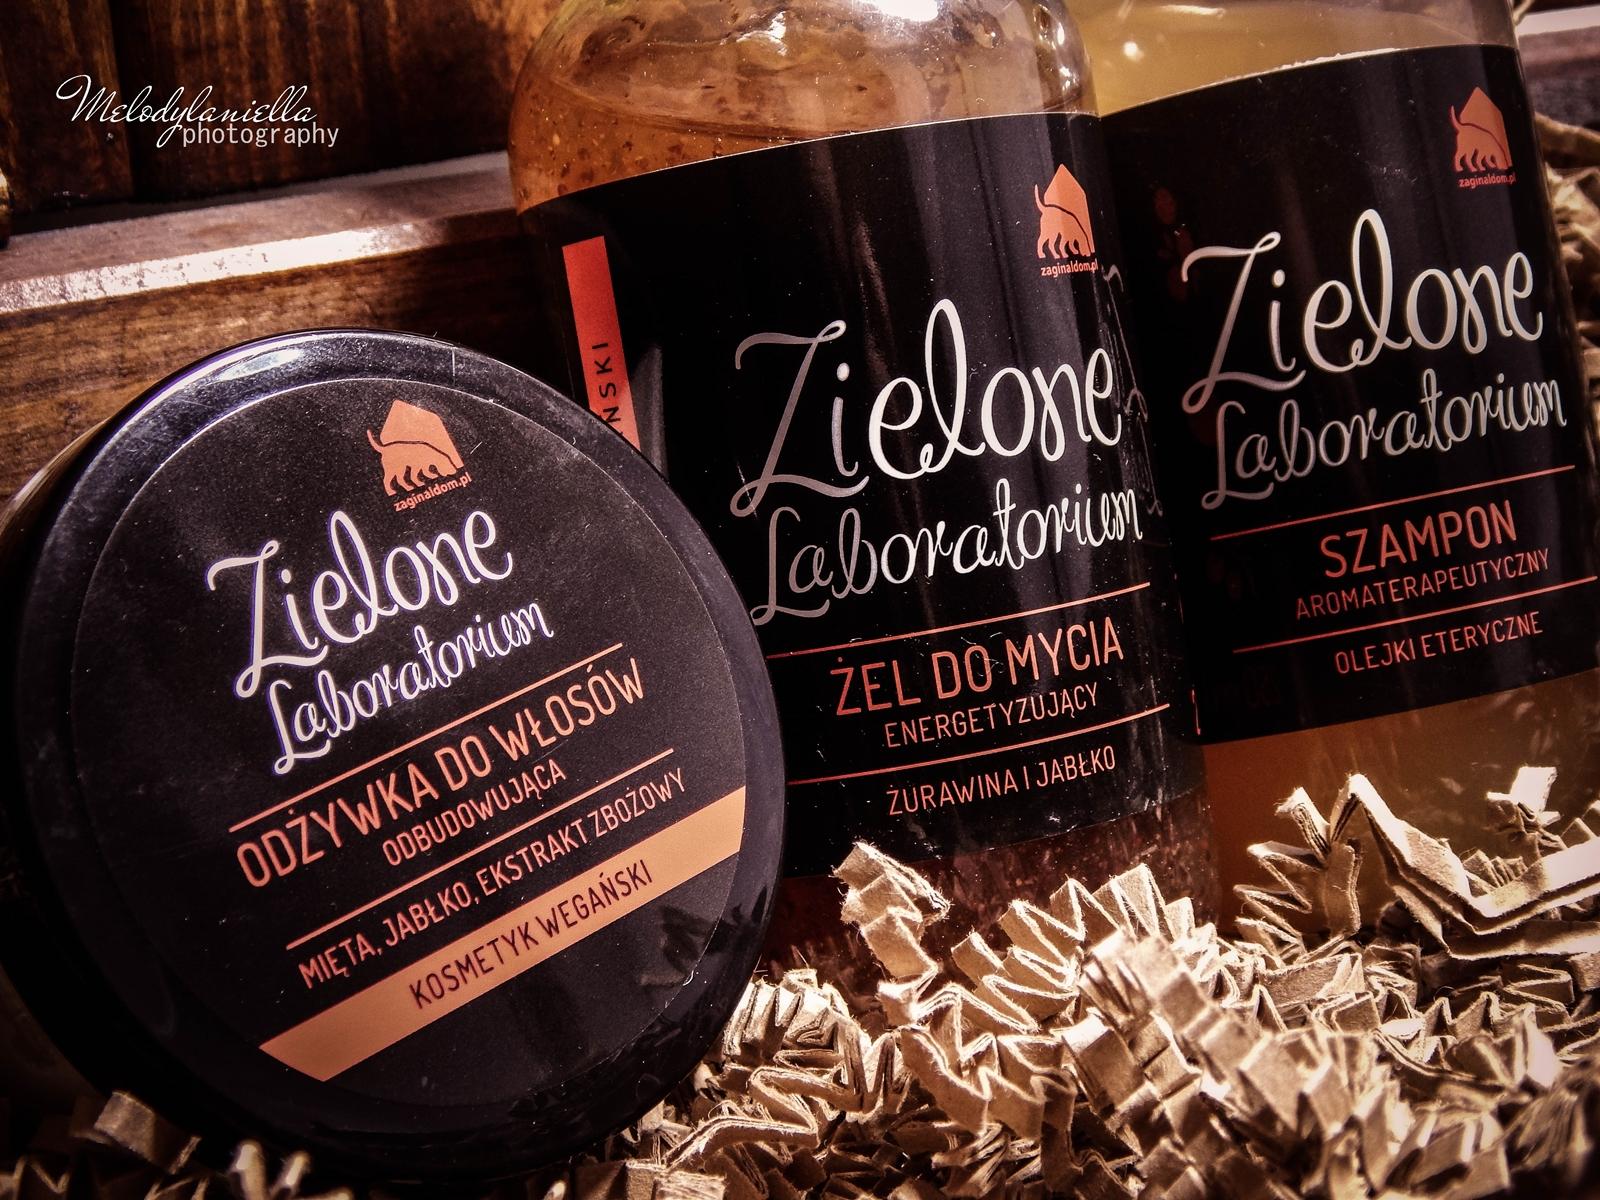 zielone laboratorium odżywka do włosów odbudowująca kosmetyki wegańskie żel do mycia szampon aromaterapeutyczny kosmetyki o mocnych zapachach olejki eteryczne kosmetyki naturalne melodylaniella styl